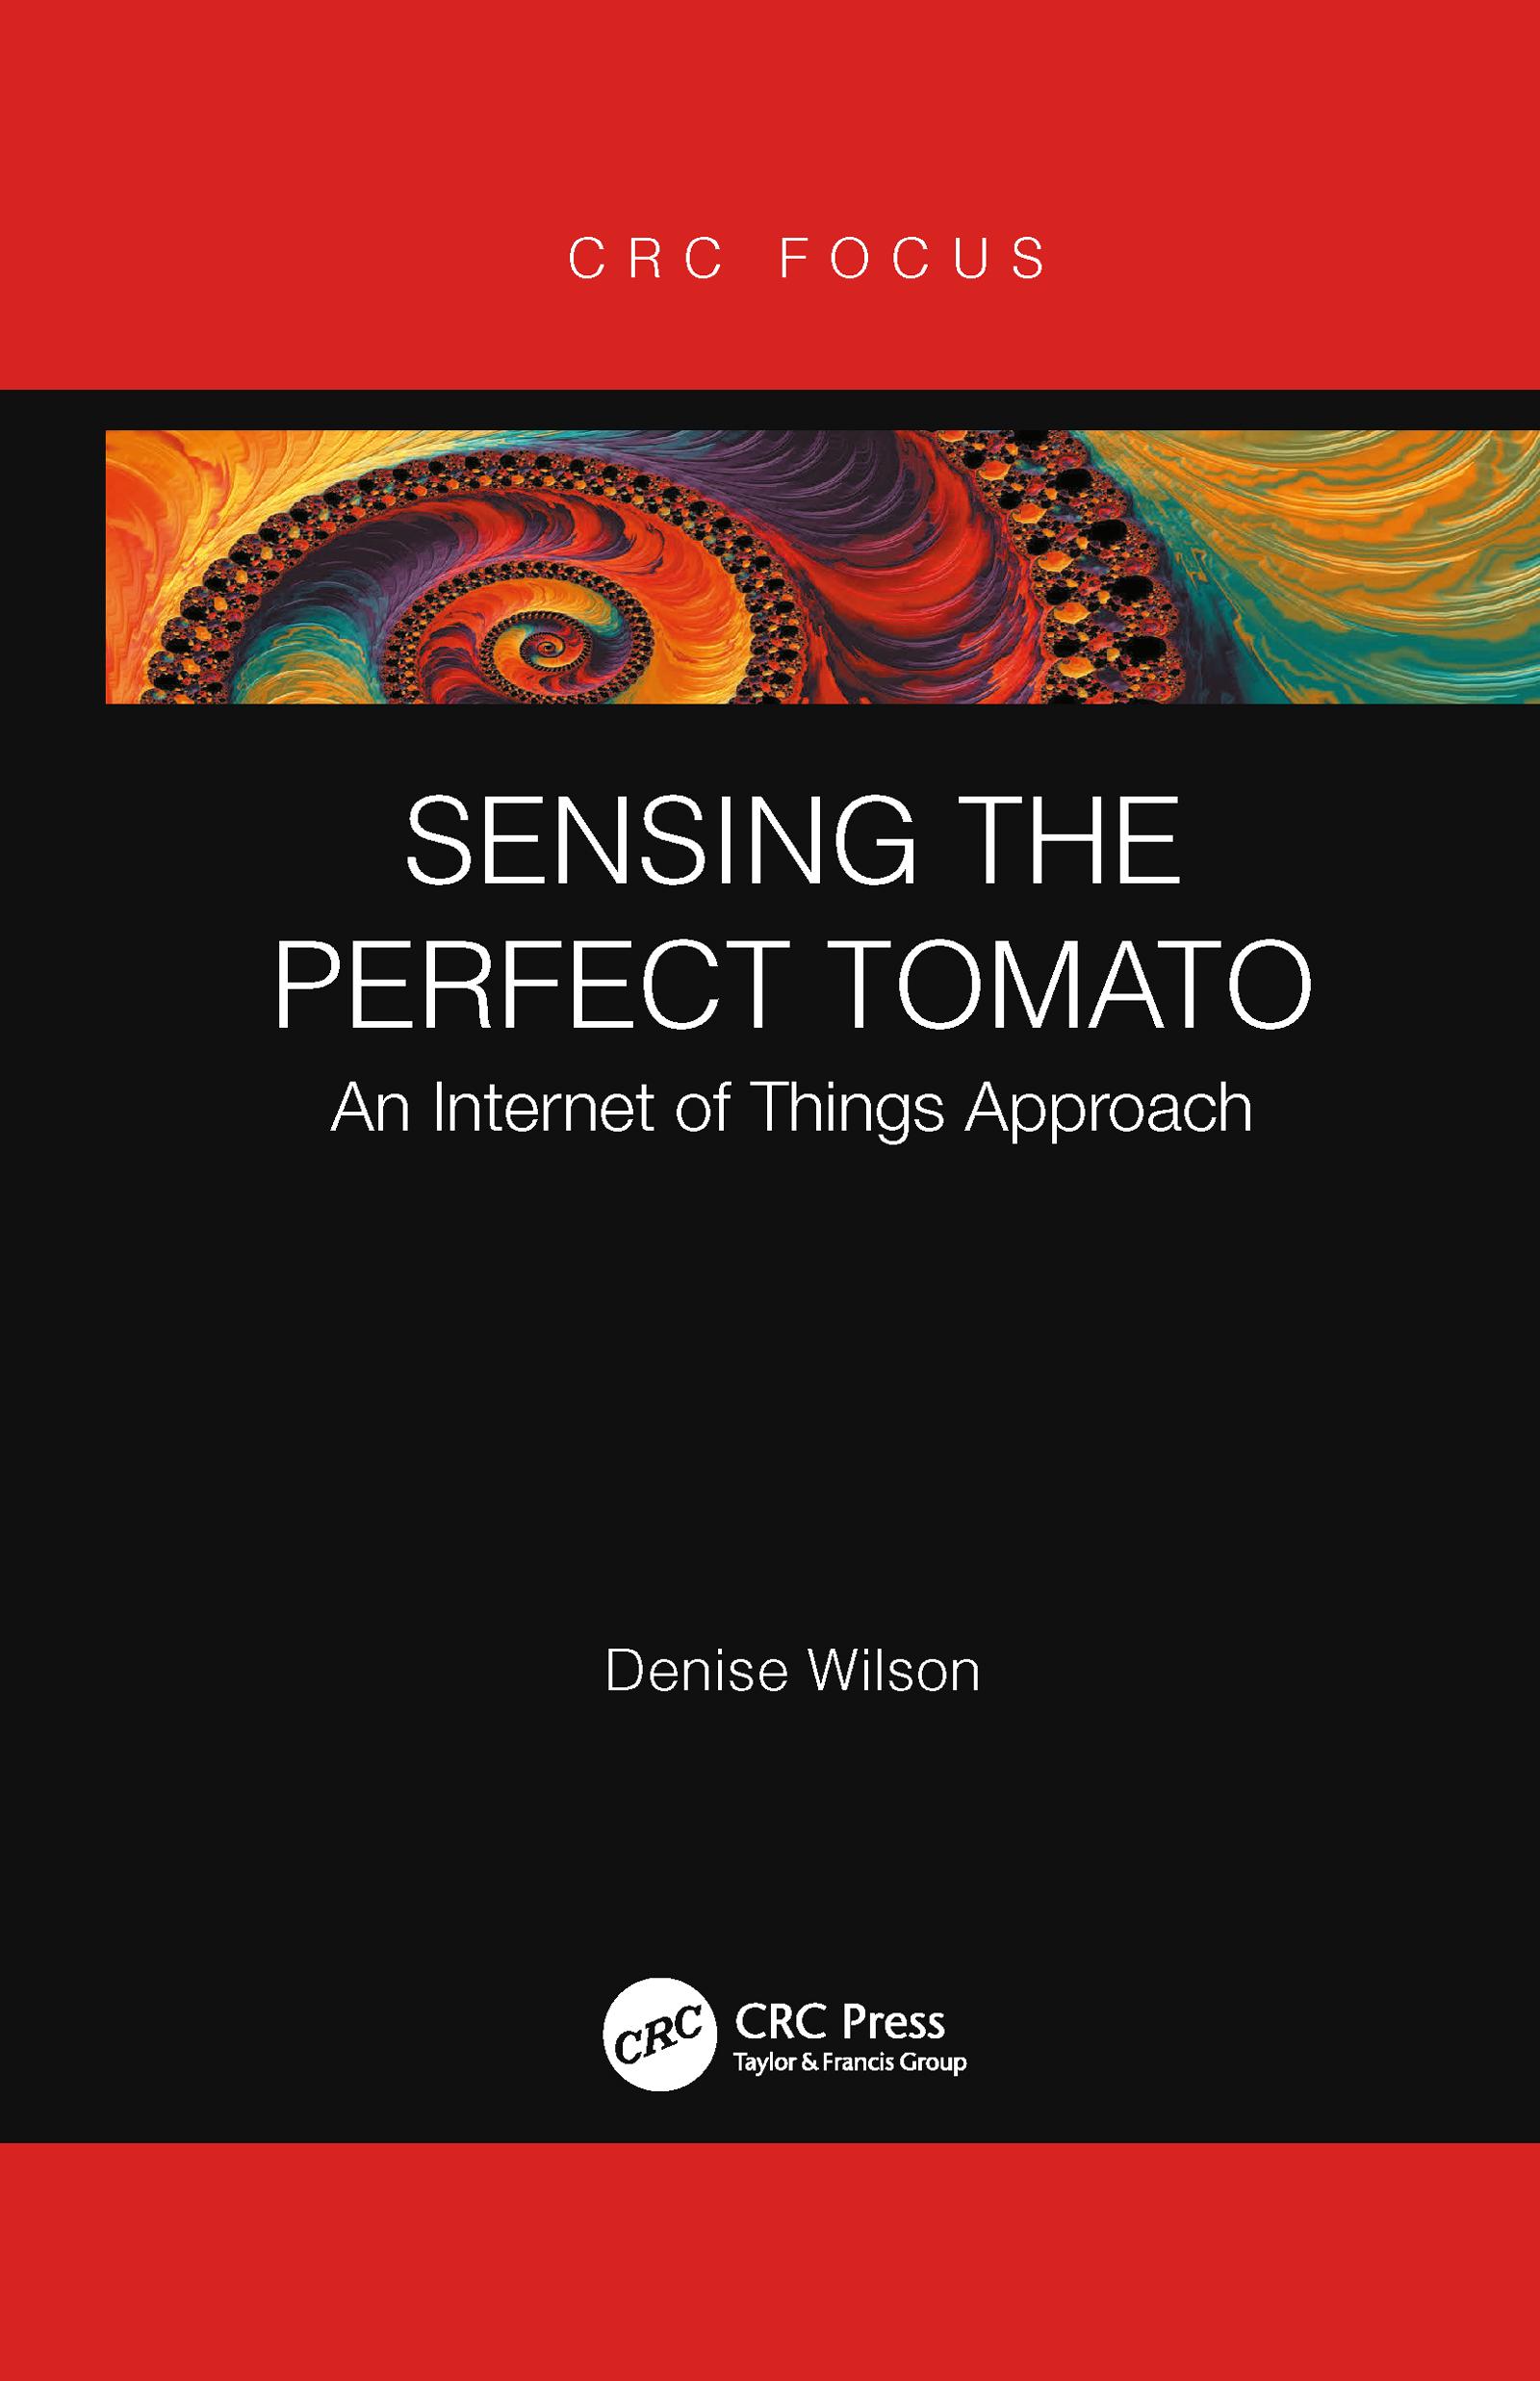 Sensing the Perfect Tomato